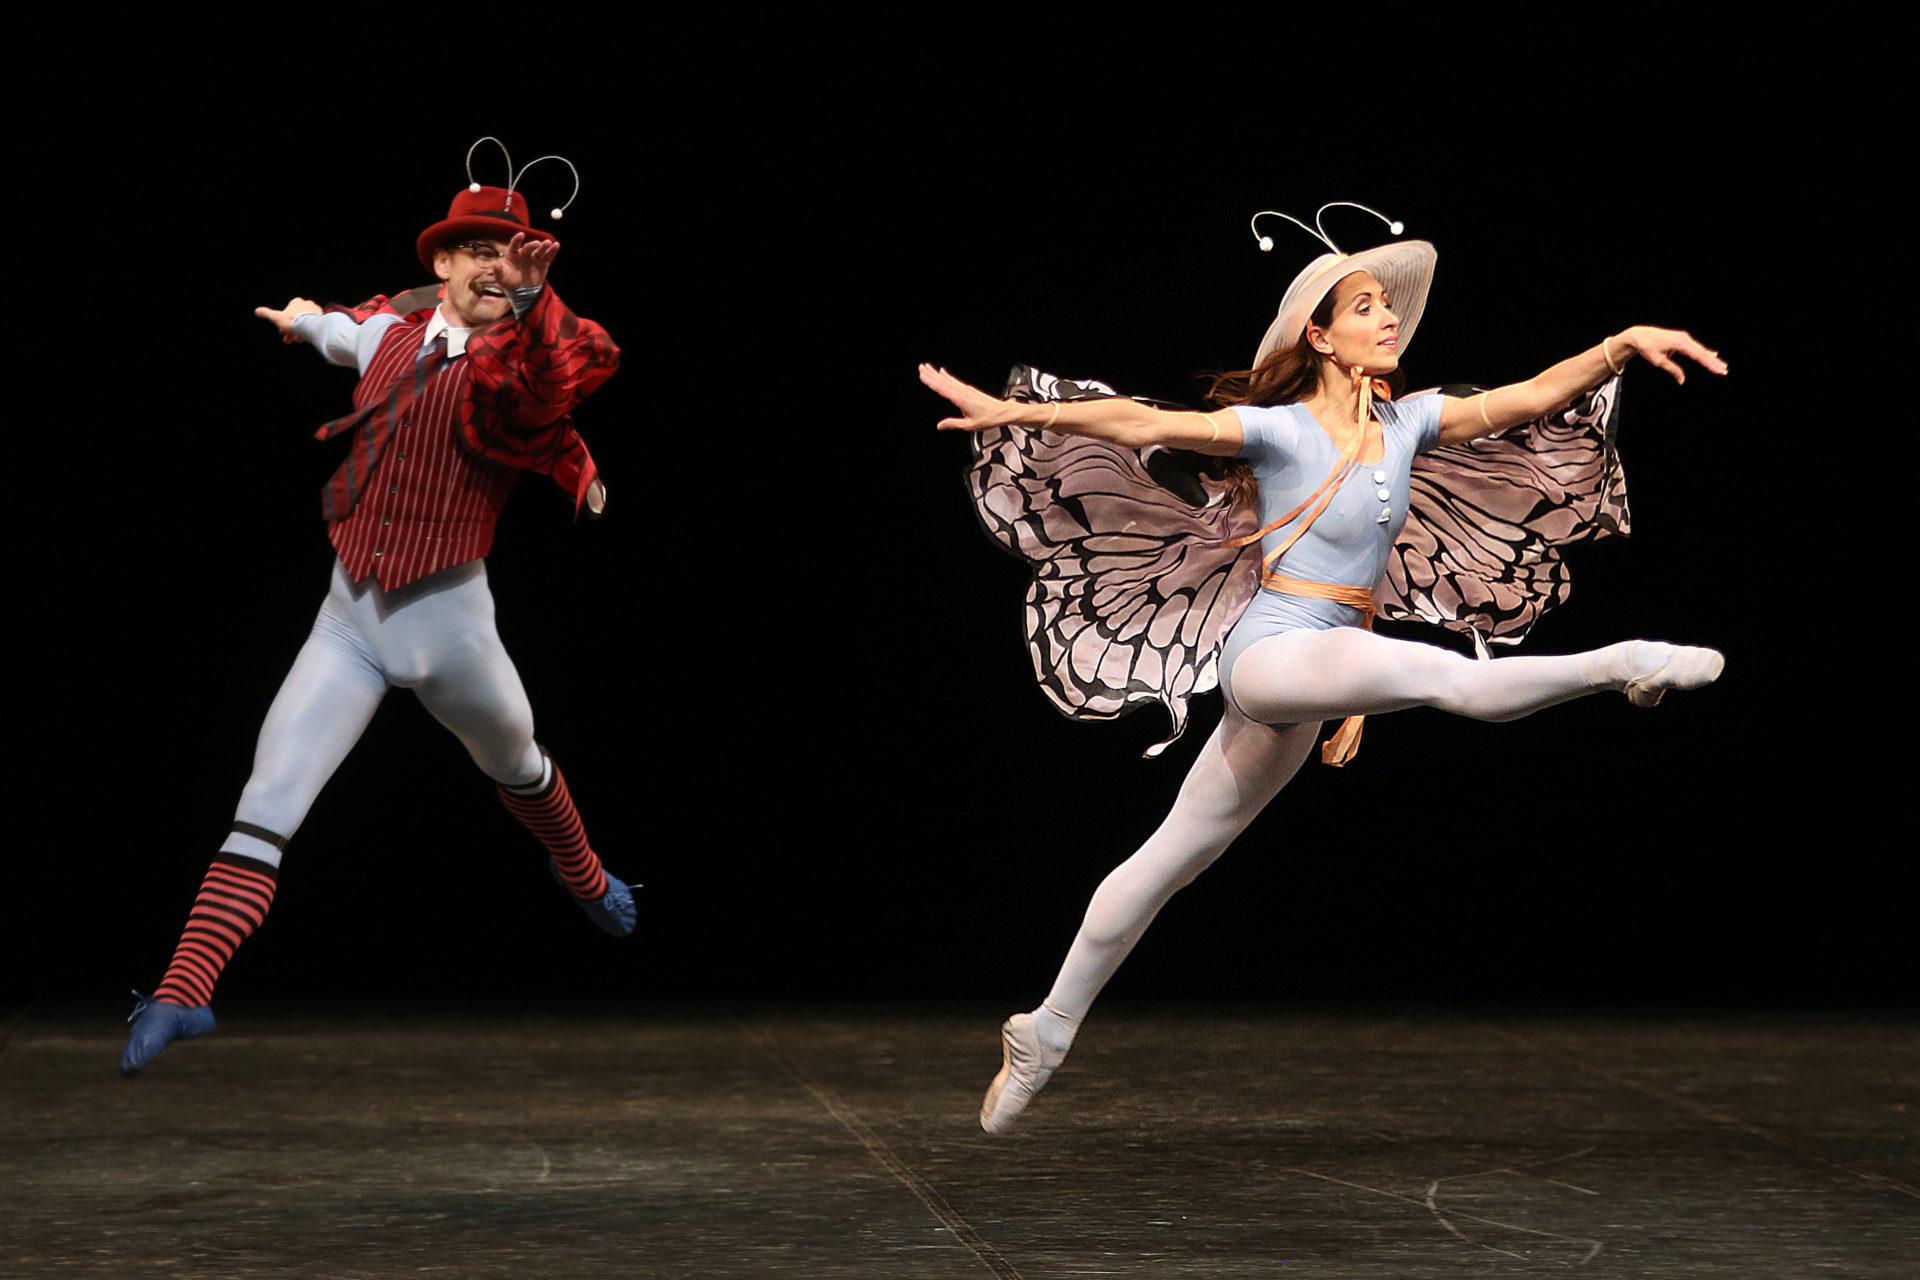 Chopin_Dances_HH_Ballett_Foto_AnjaBeutler.de_441